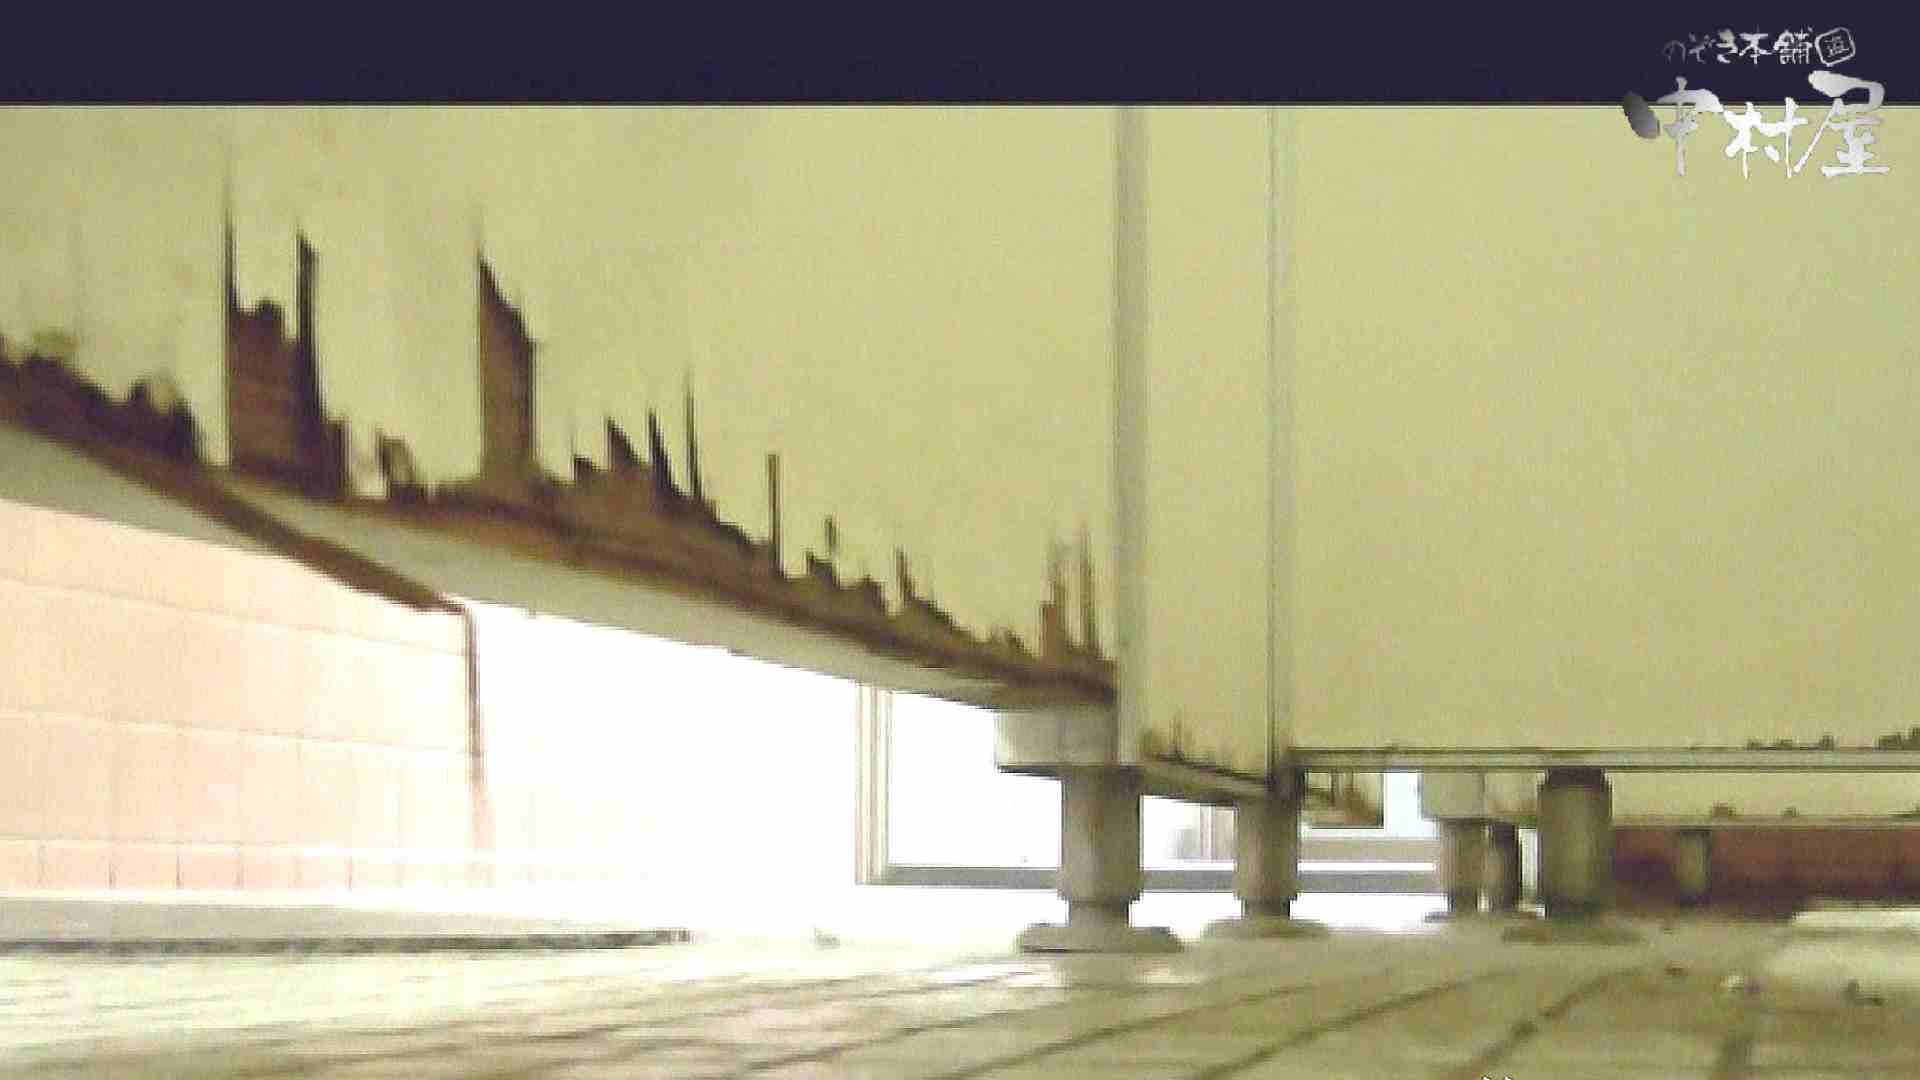 始動します‼雅さんの独断と偏見で集めた動画集 Vol.9 0  61pic 32